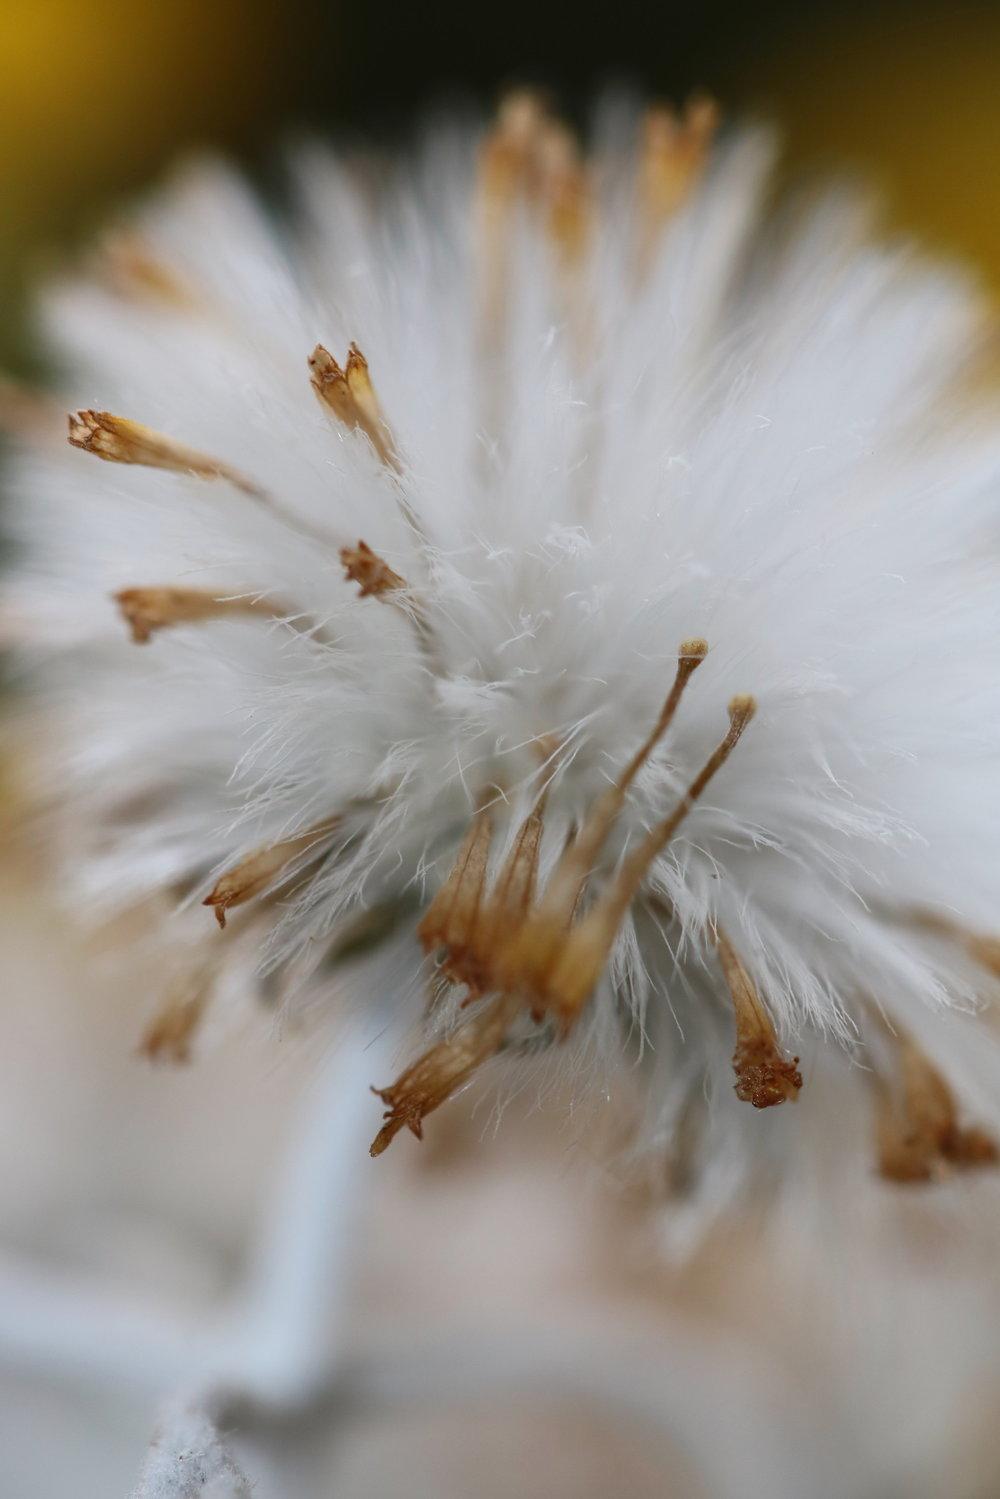 Sedum Seed Head, 2018